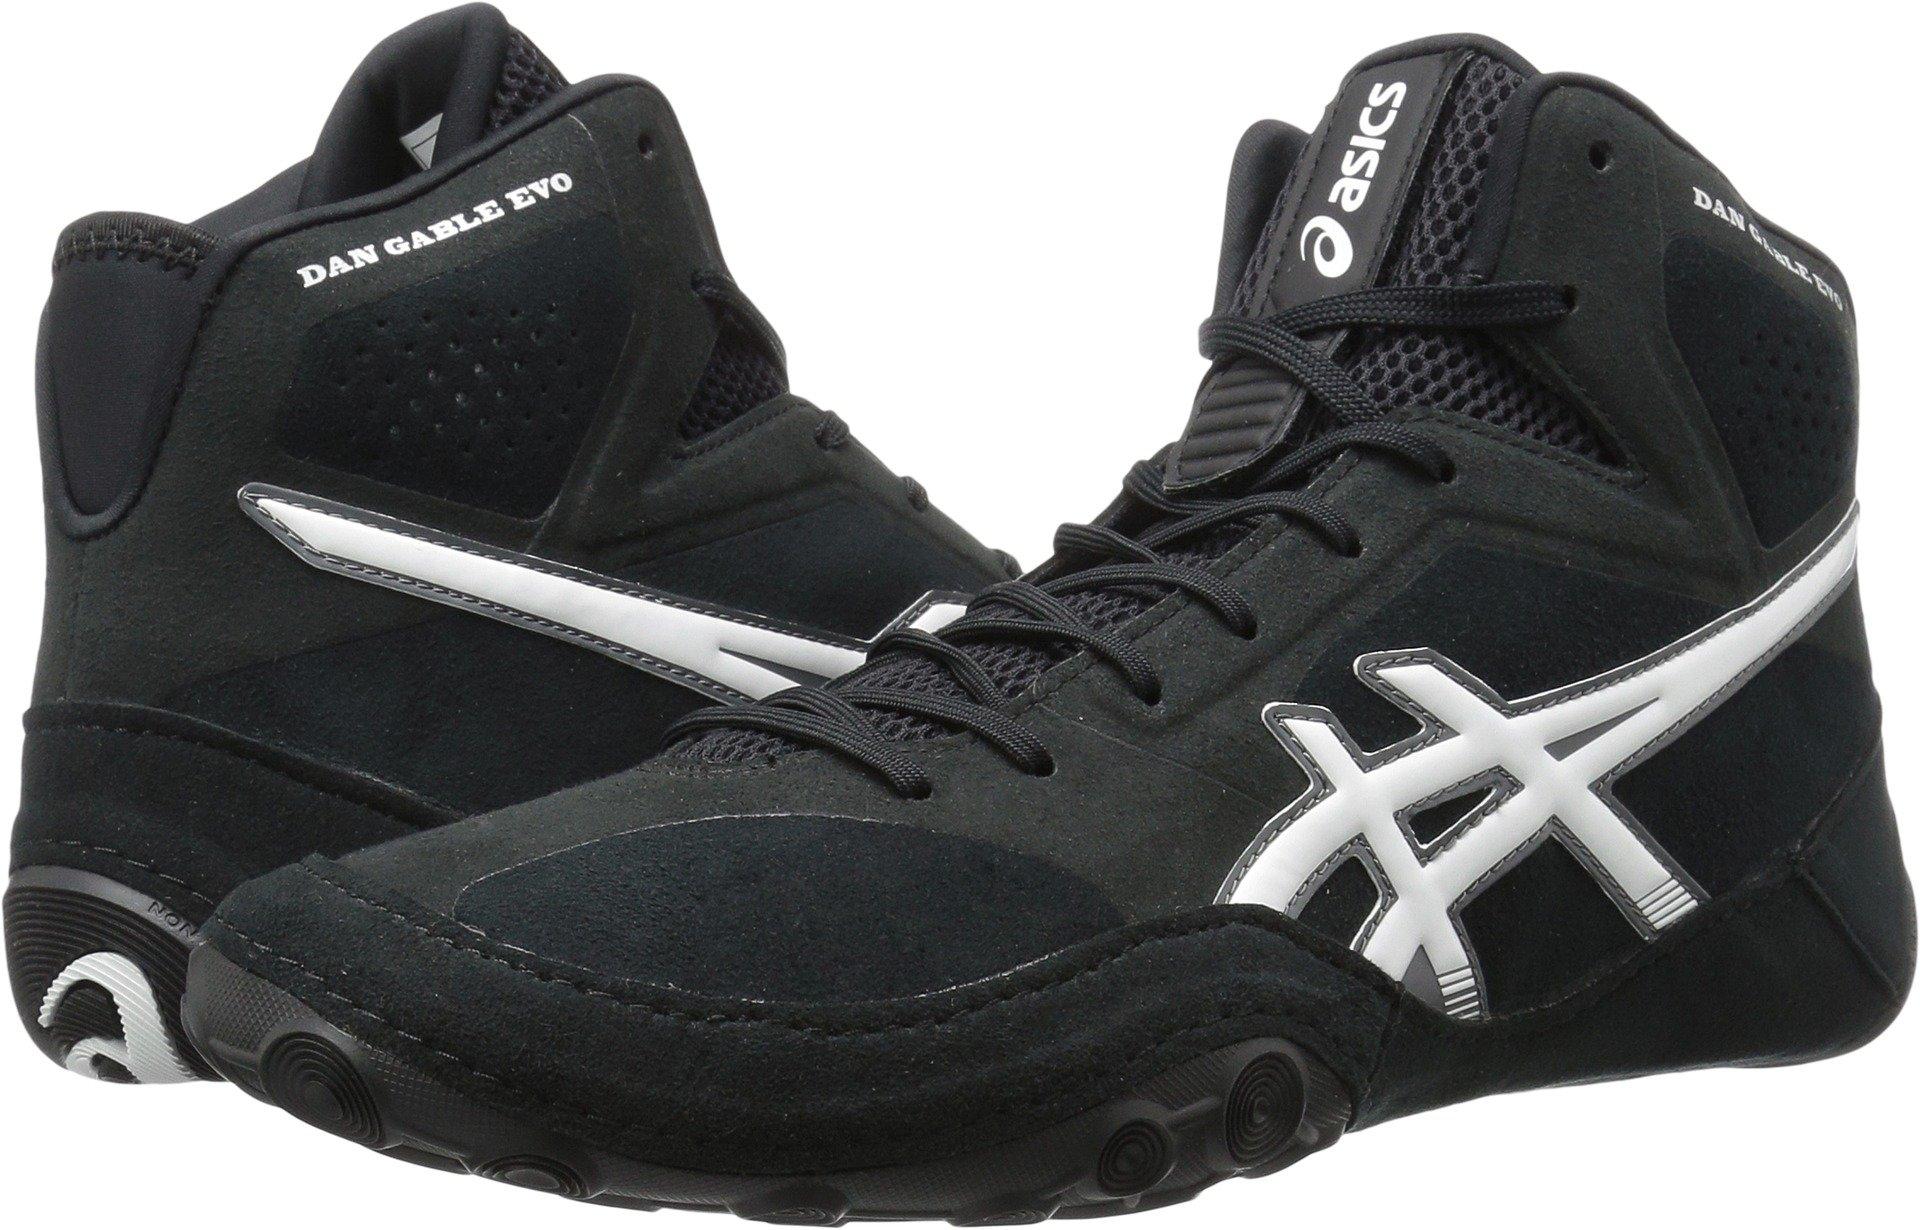 ASICS Men's Dan Gable Evo Wrestling Shoe, Black/White/Carbon, 9 Medium US